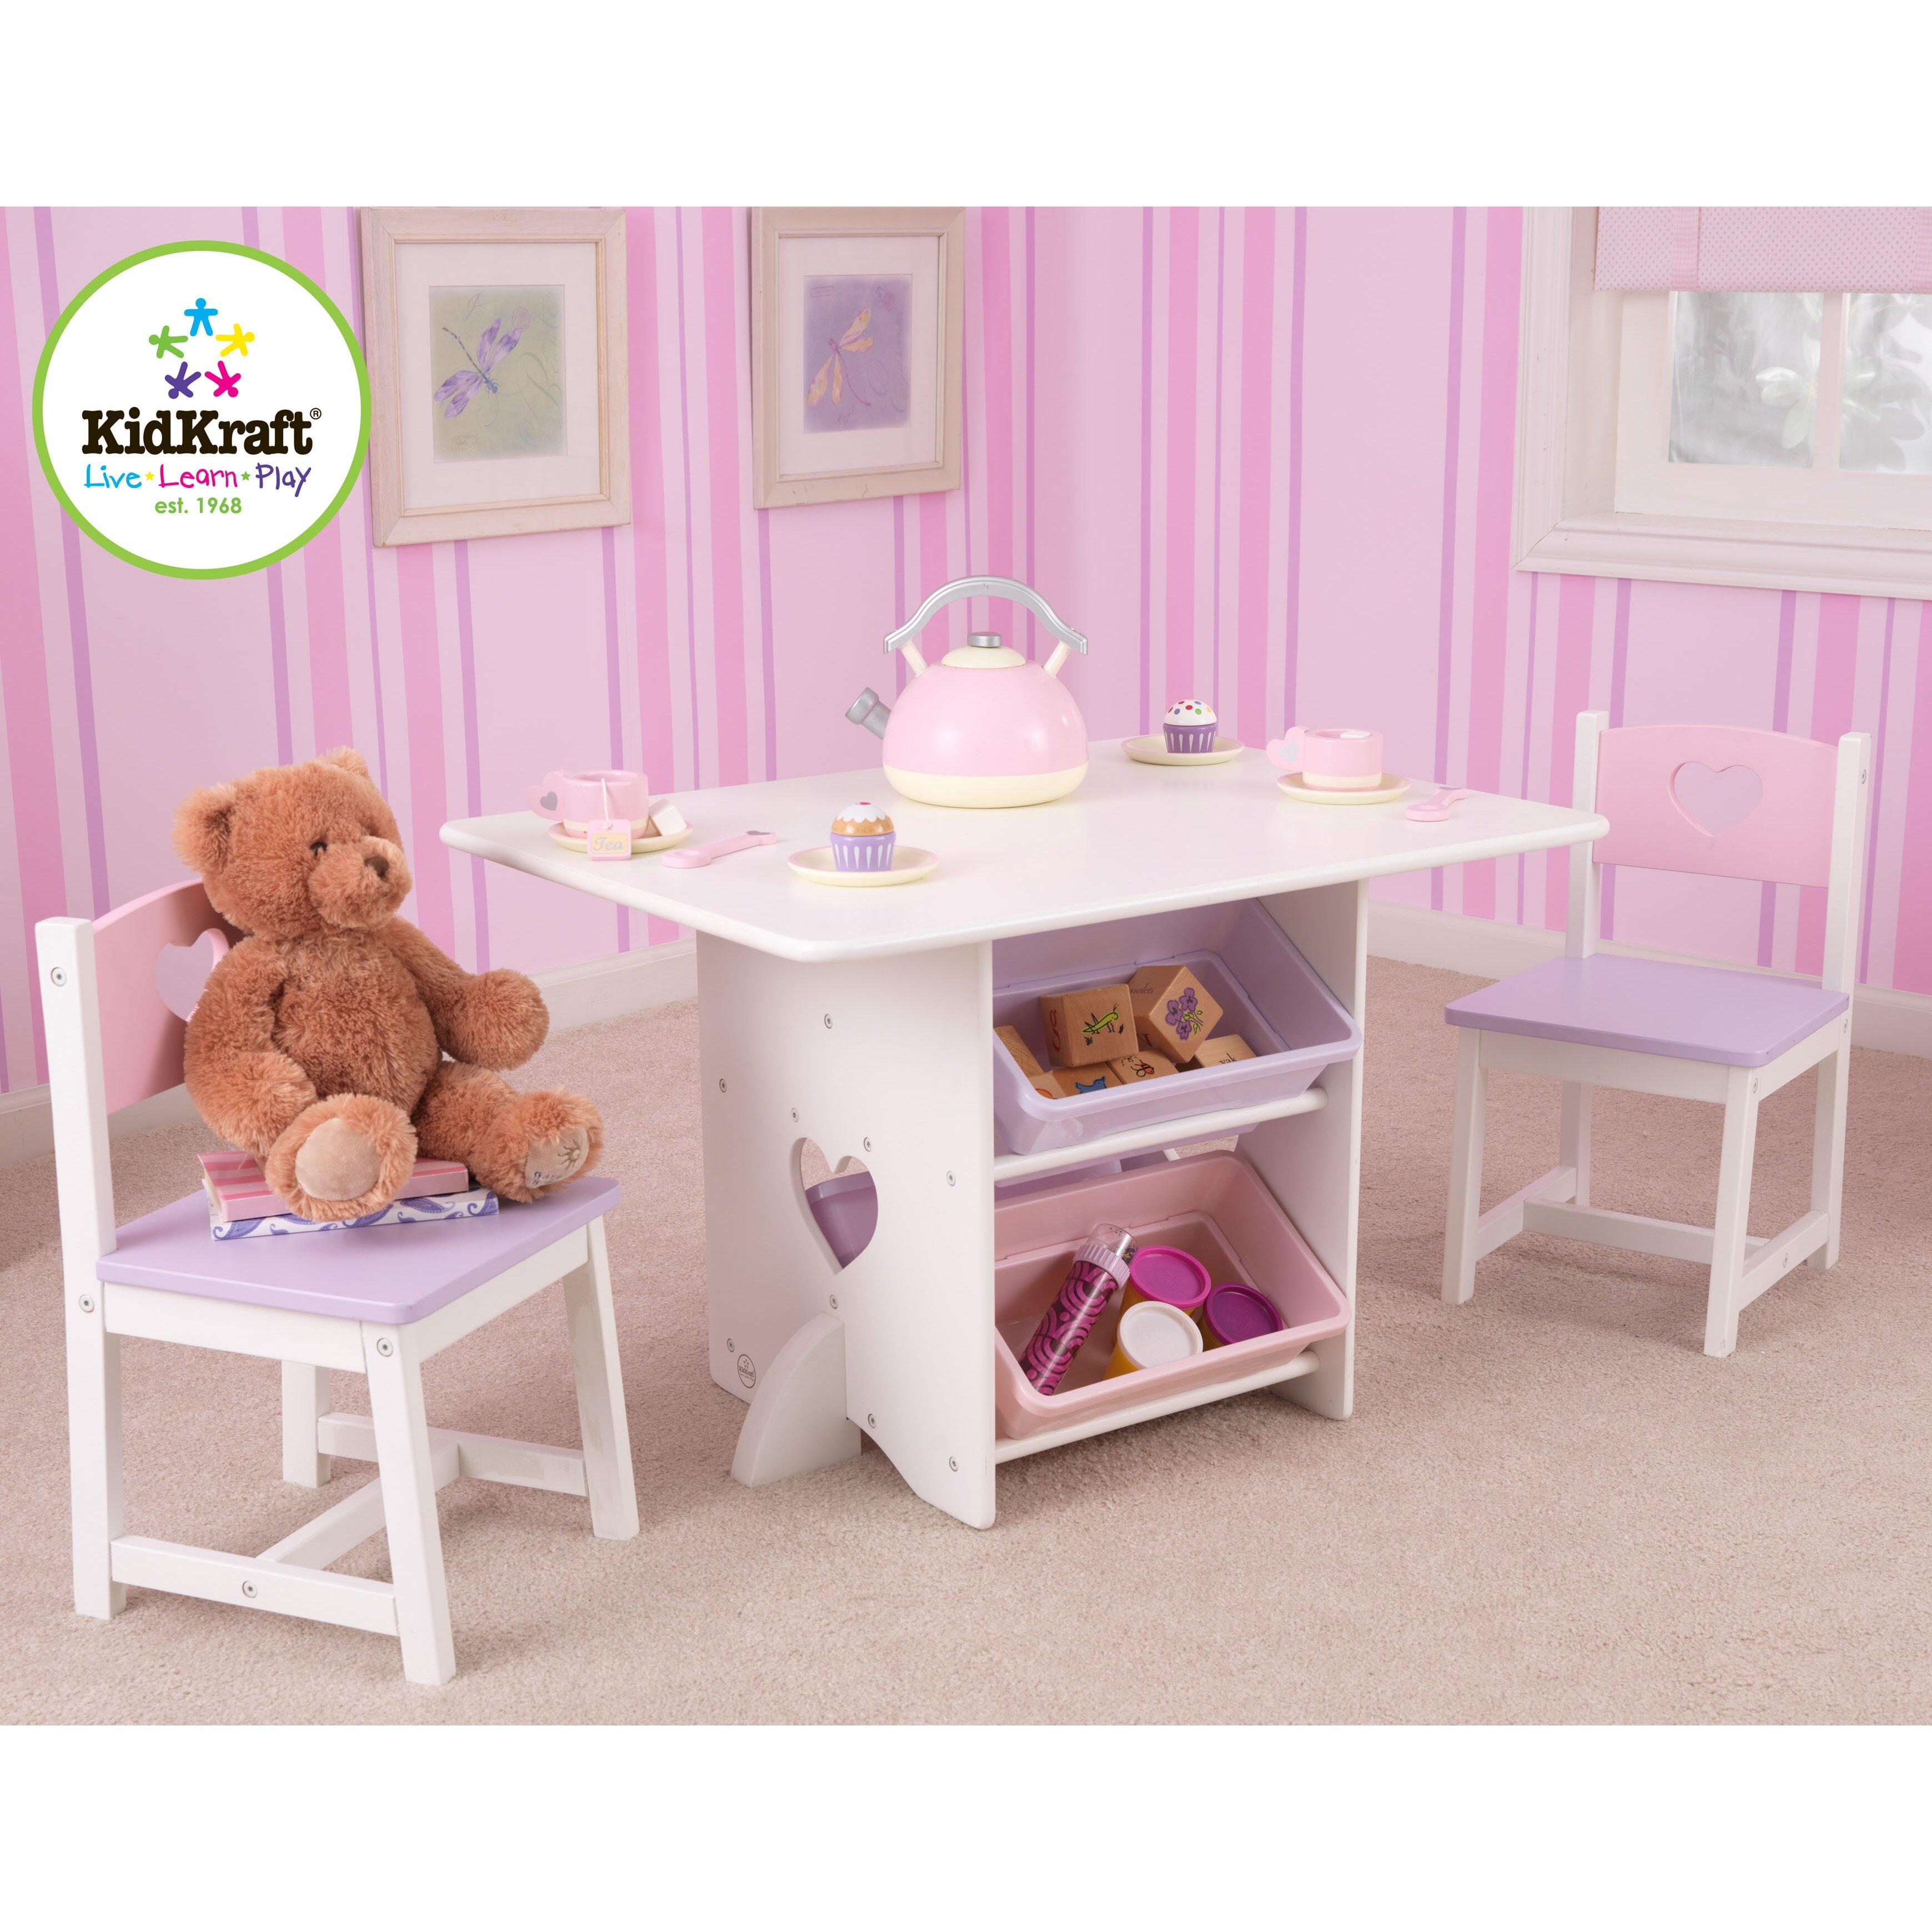 kidkraft 3 tlg kindertisch und stuhl set bewertungen. Black Bedroom Furniture Sets. Home Design Ideas